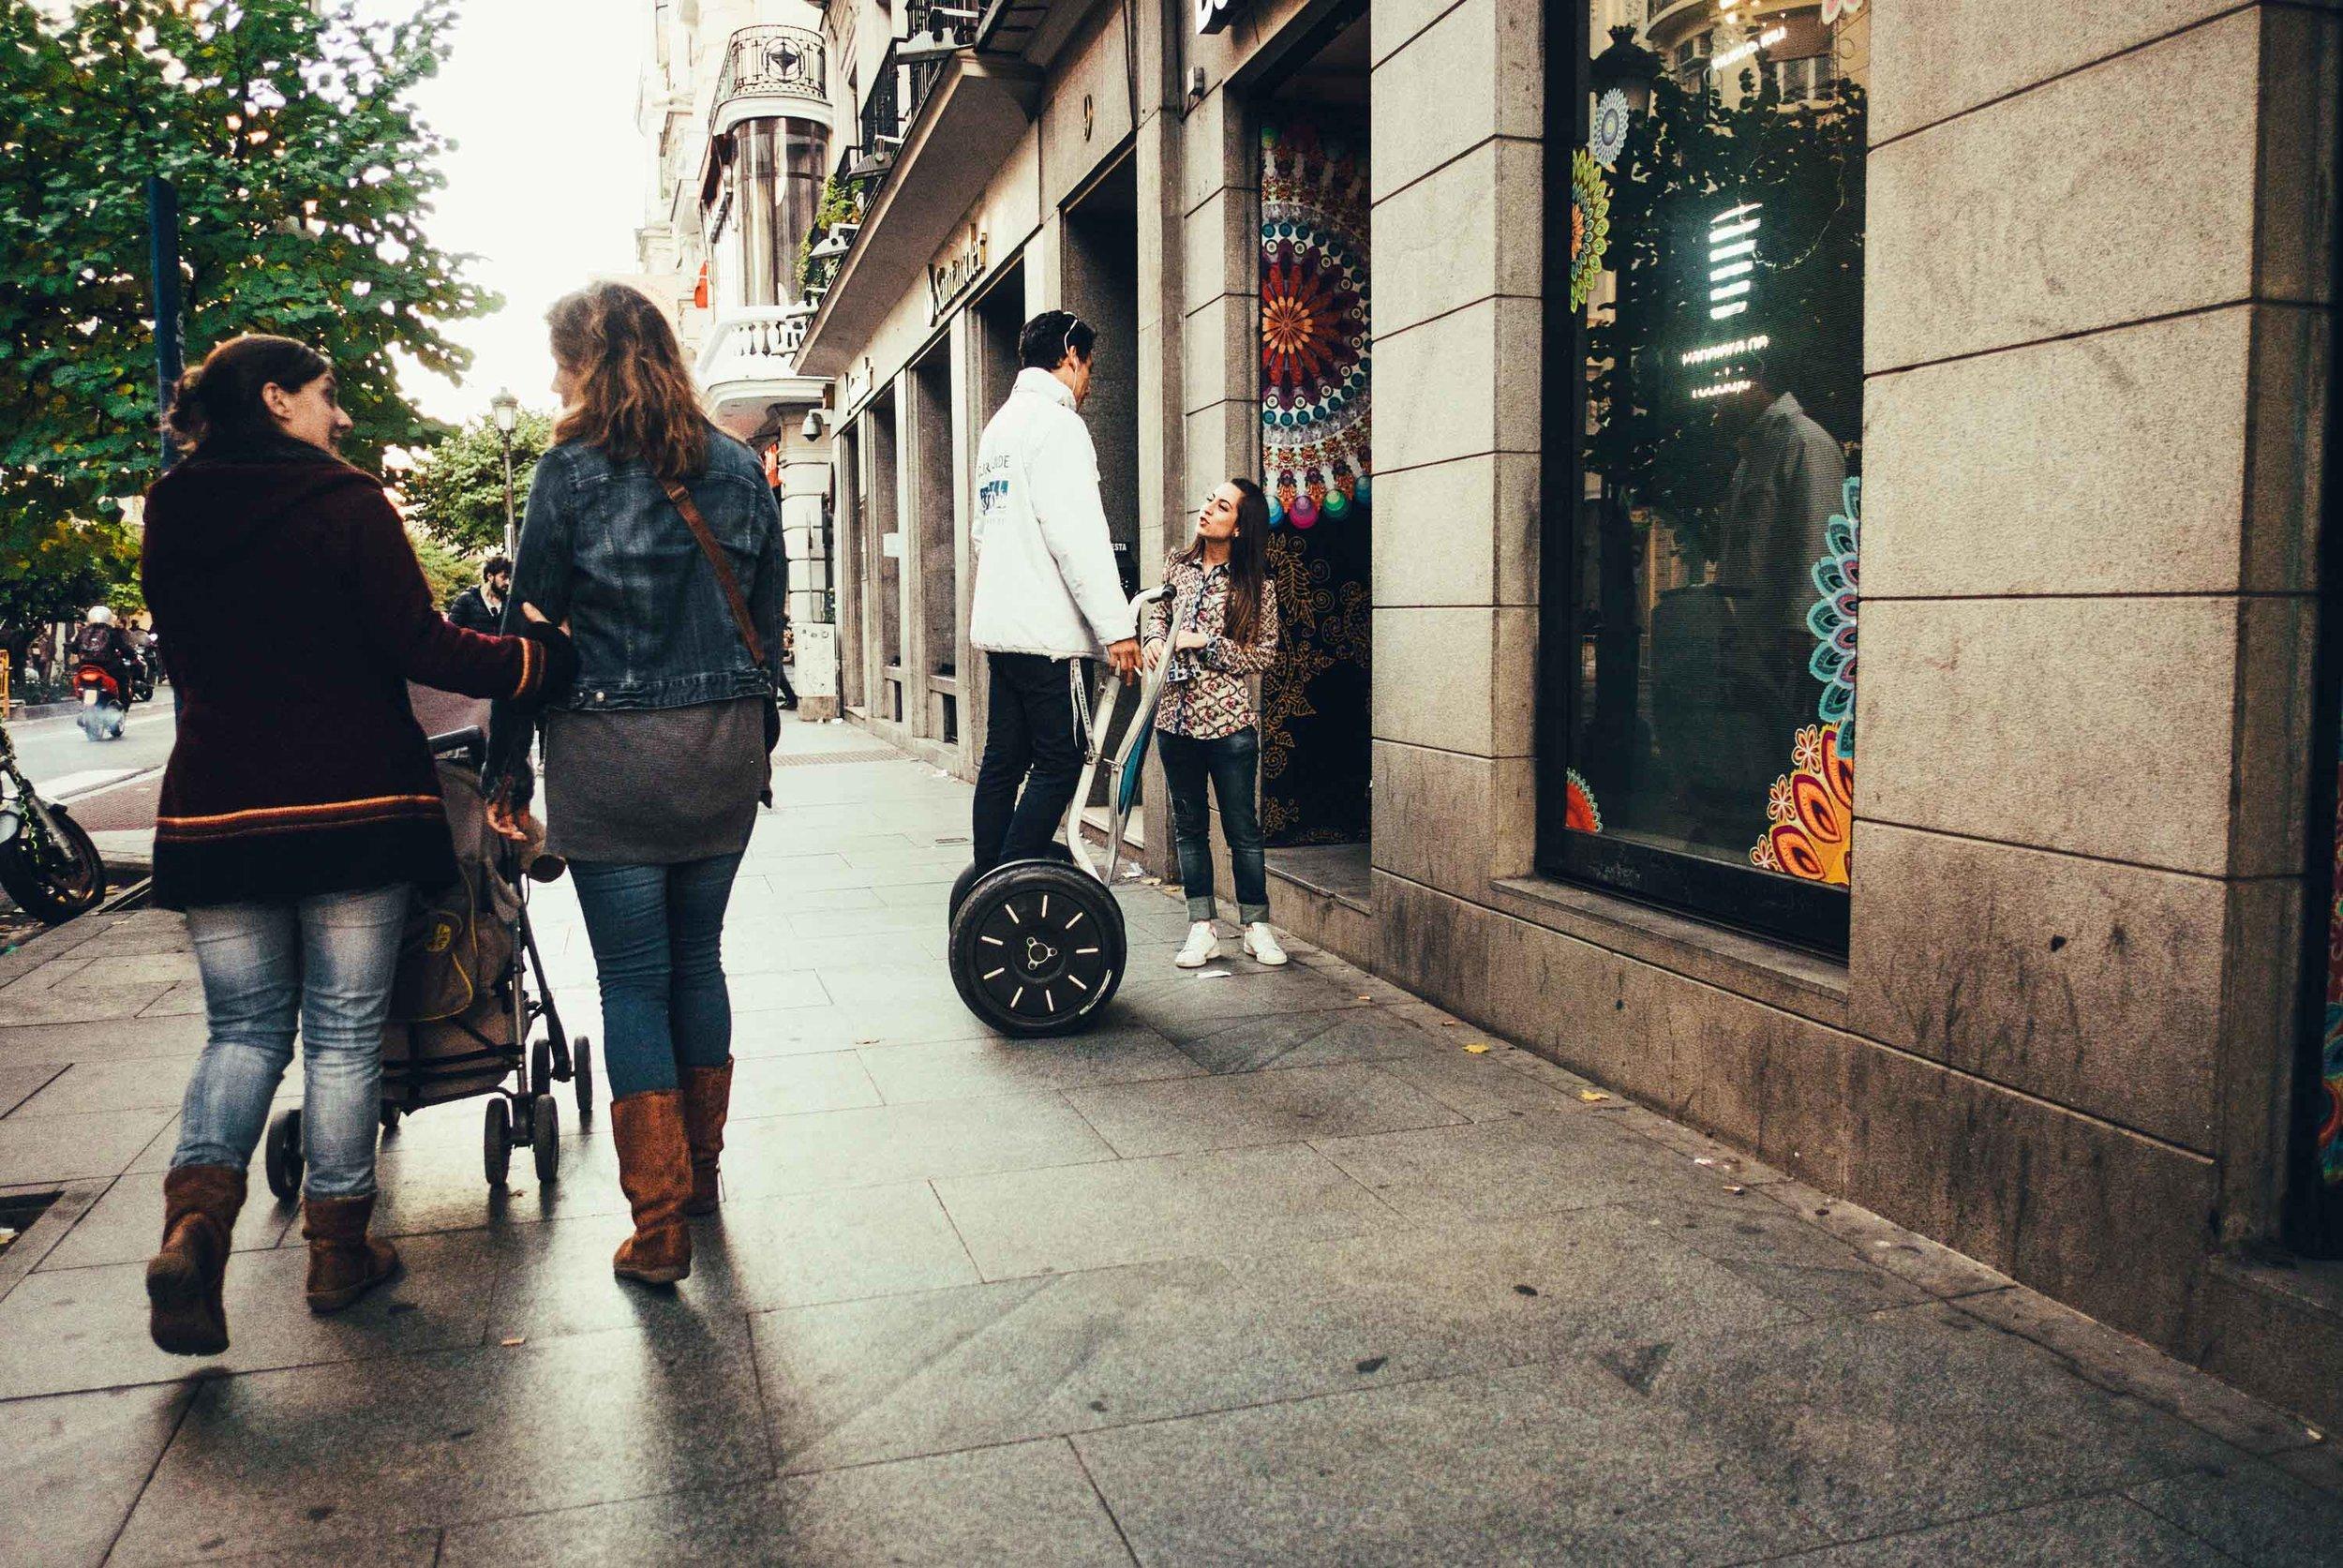 Madrid-5067.jpg